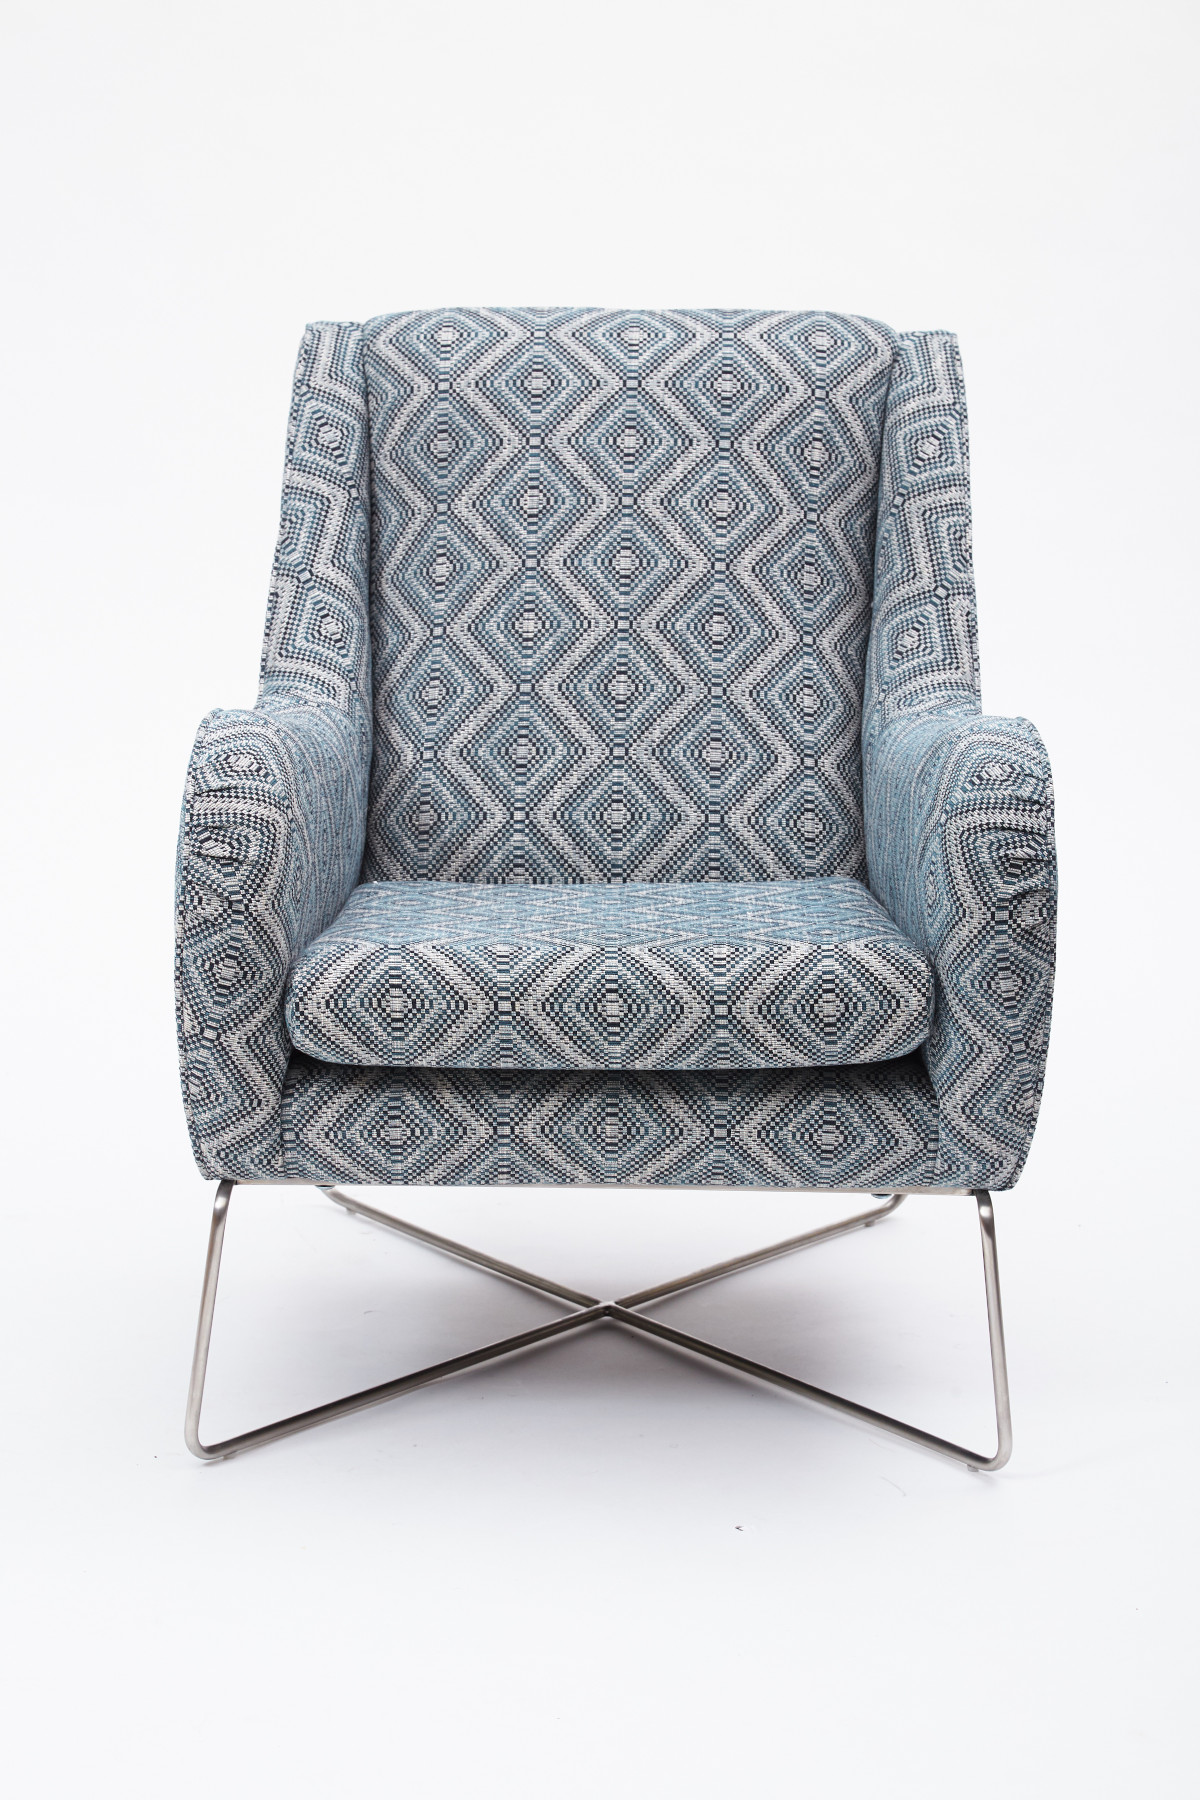 Erikson Accent Chair Whistler